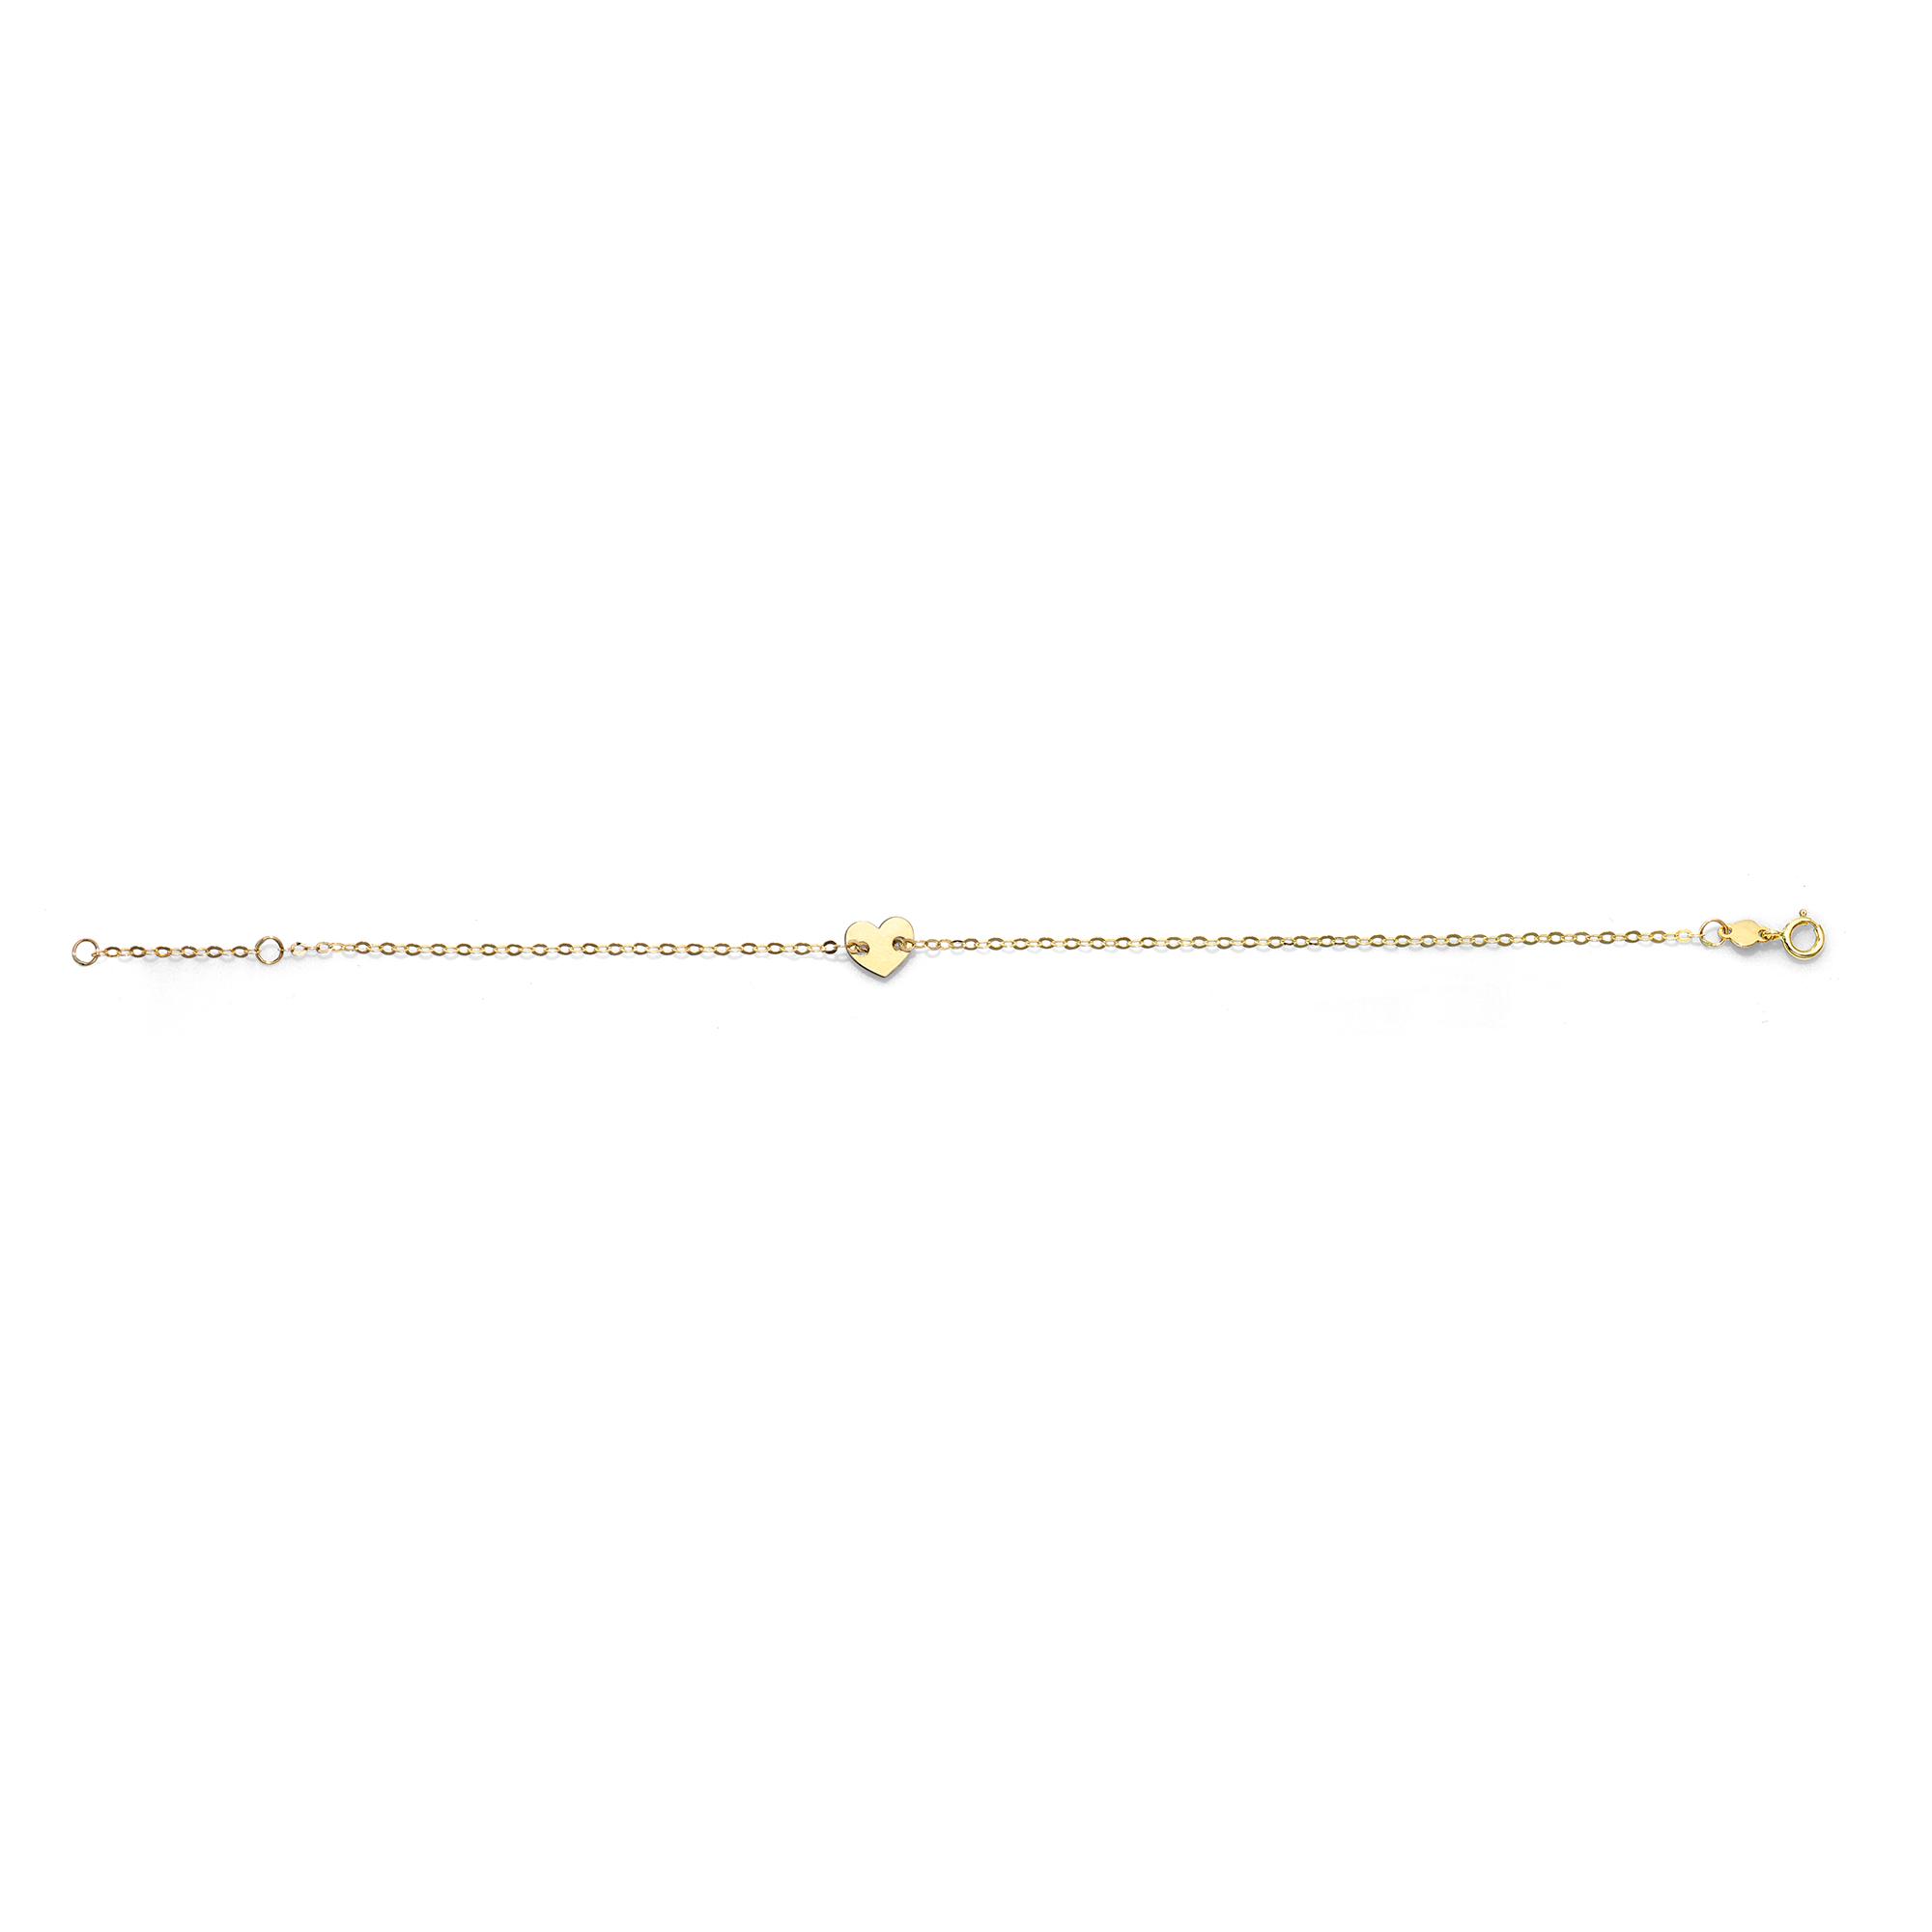 14k-gold-heart-bracelet-rc6978-07